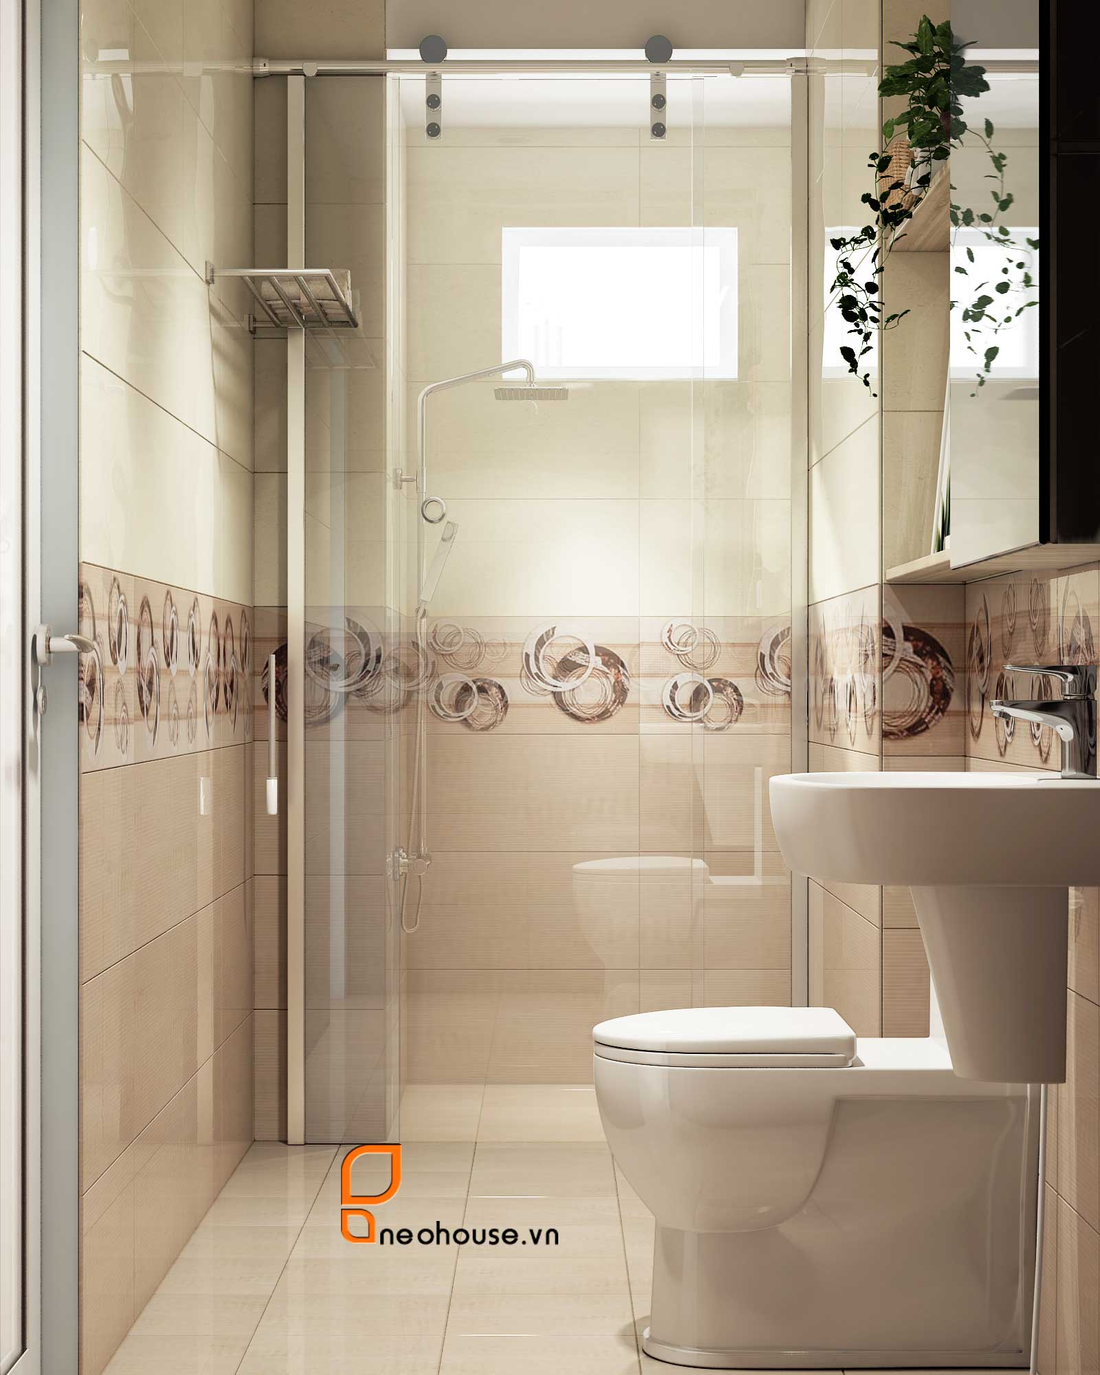 Tổng hợp Nội thất phòng tắm Toilet